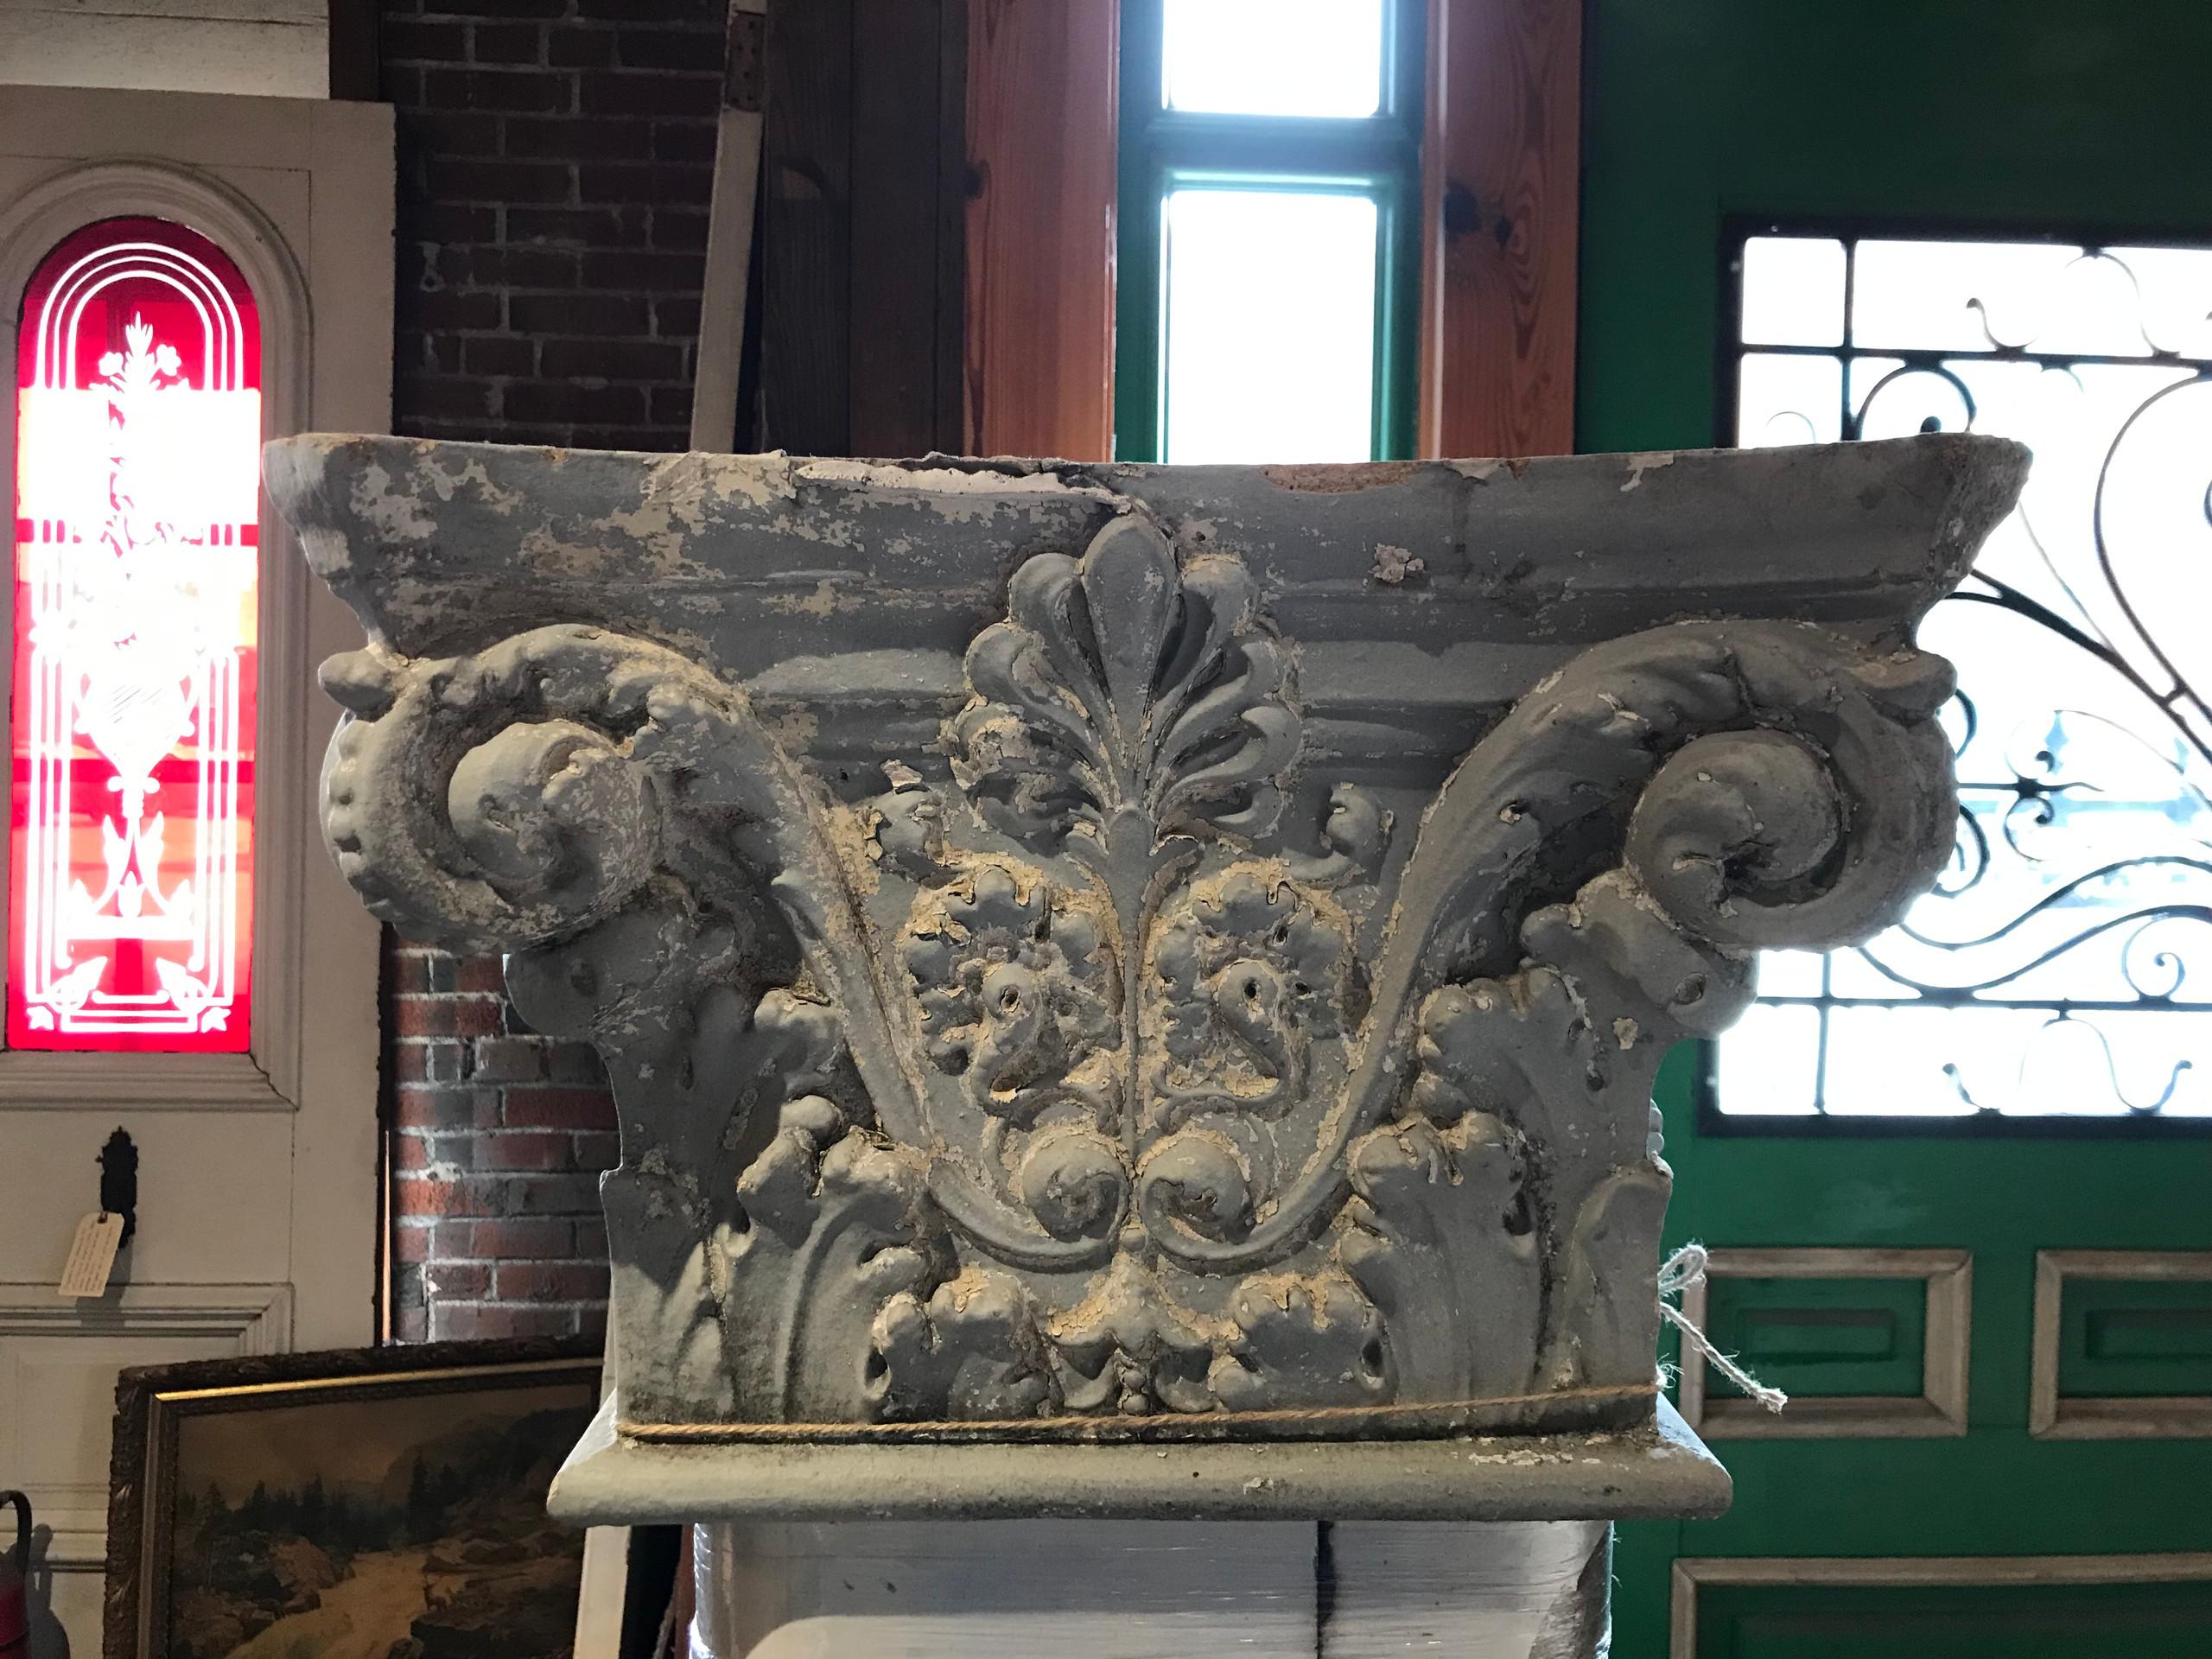 Corinthian caps for the porch columns.